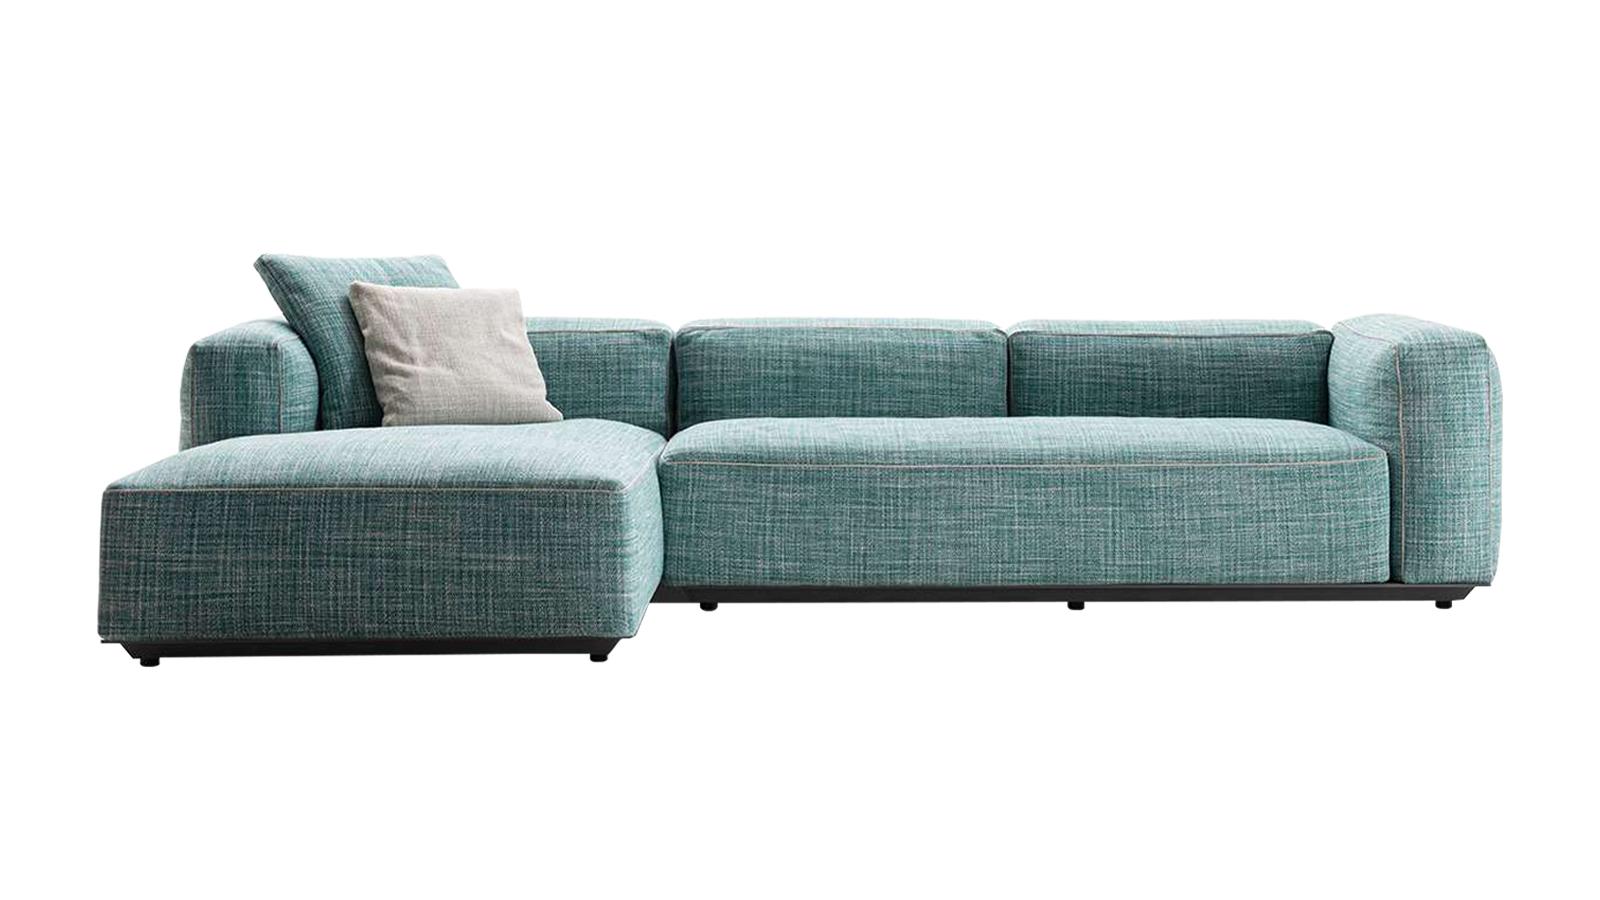 """""""Antonio Citteriónak köszönhetjük a Hybrid moduláris üléselemekből álló bútorrendszert, amely olyan sokoldalú, hogy szinte végtelen számú kombinációba rendezhető. A textília kulcsfontosságú szerepe azonnal kitűnik, ám az igazi főszereplő a nagyvonalú párnázás. Ezek jellemzően a beltéri bútorok tipikus elemei, amelyek az innovatív designnak hála kültéri megjelenést kaptak. """""""